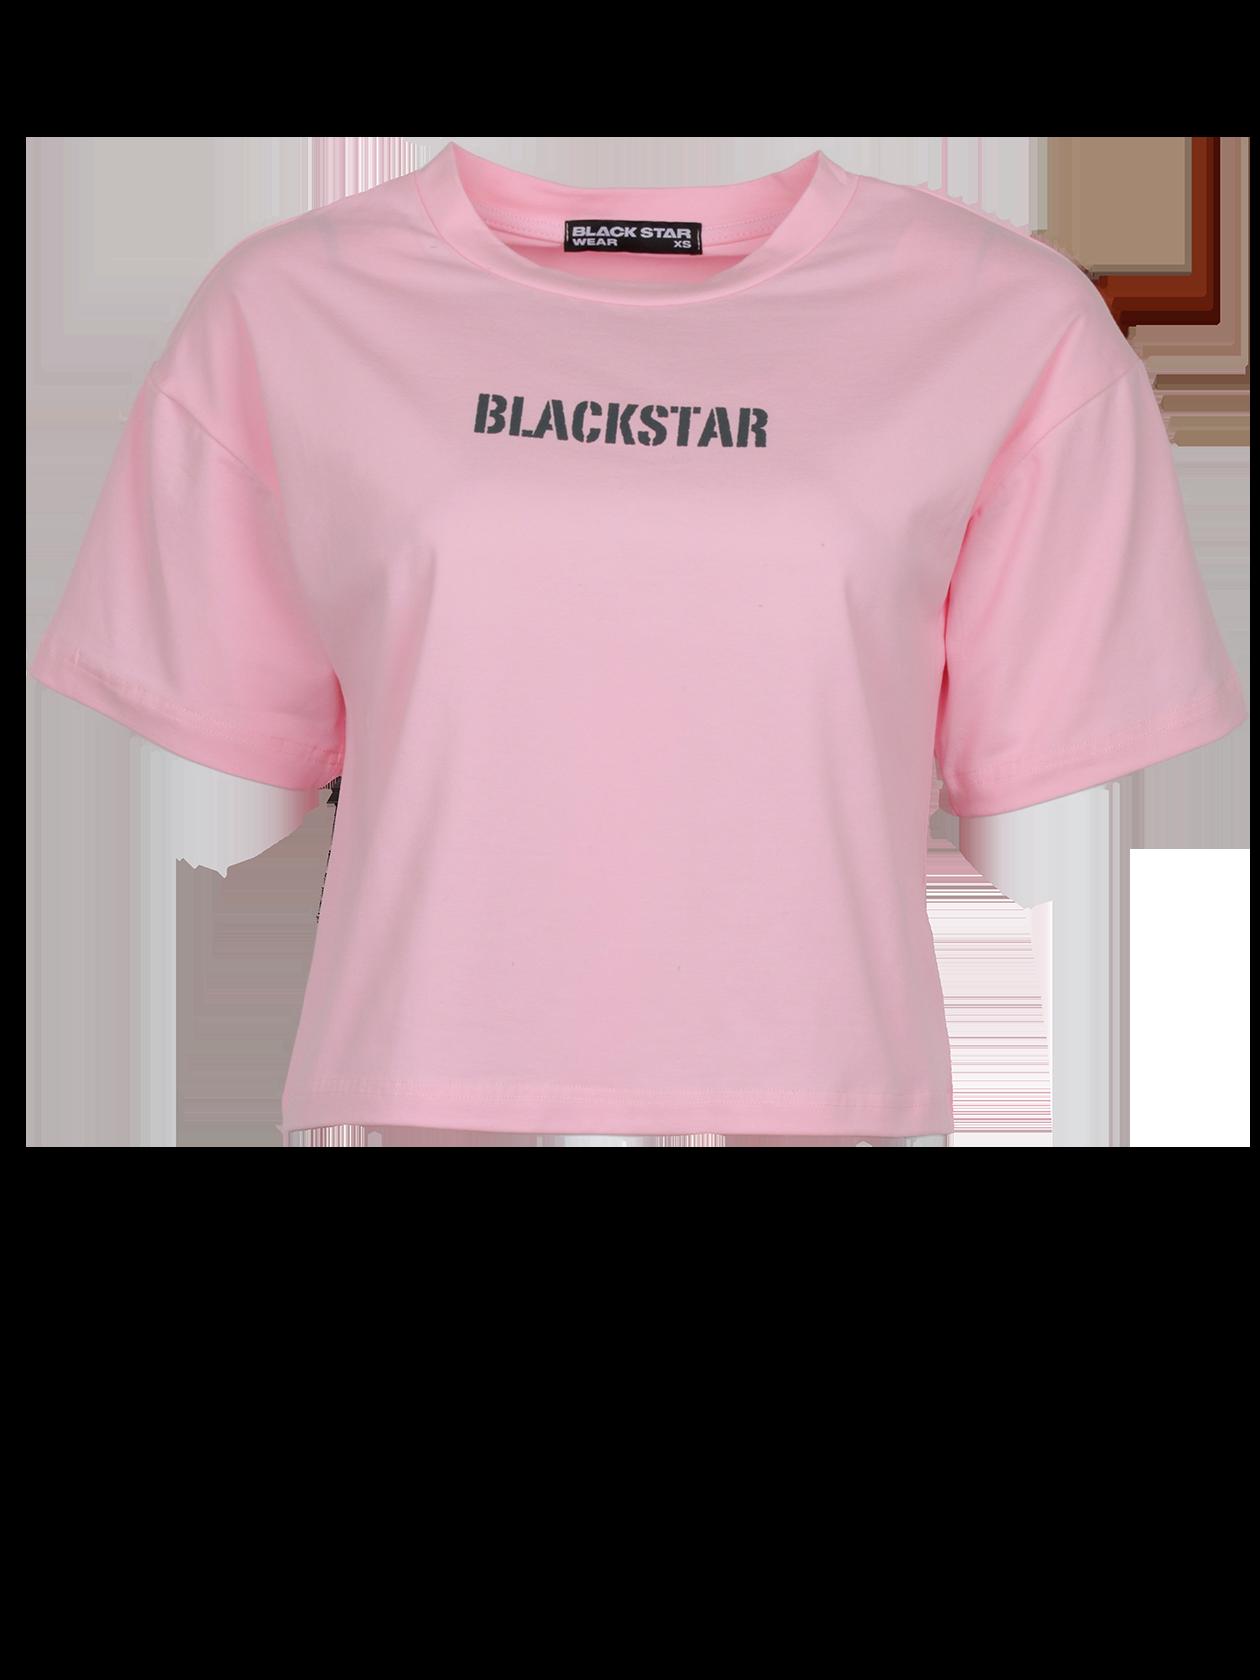 Футболка женская CUTIE PINKМолодежная женская футболка CUTIE PINK из коллекции Black Star Wear. Стильная укороченная модель с округлой эластичной горловиной и заниженной линией рукава - тренд этого сезона. Свободный прямой крой, короткий просторный рукав и высококачественный материал данного изделия создают неповторимый комфорт при носке. На груди небольшой принт в виде фирменного логотипа Black Star. Идеально подойдет, как для создания образа на каждый день, так и для спортивного стиля. Модель представлена в нежно-розовом цвете.<br><br>Размер: M<br>Цвет: Розовый<br>Пол: Женский